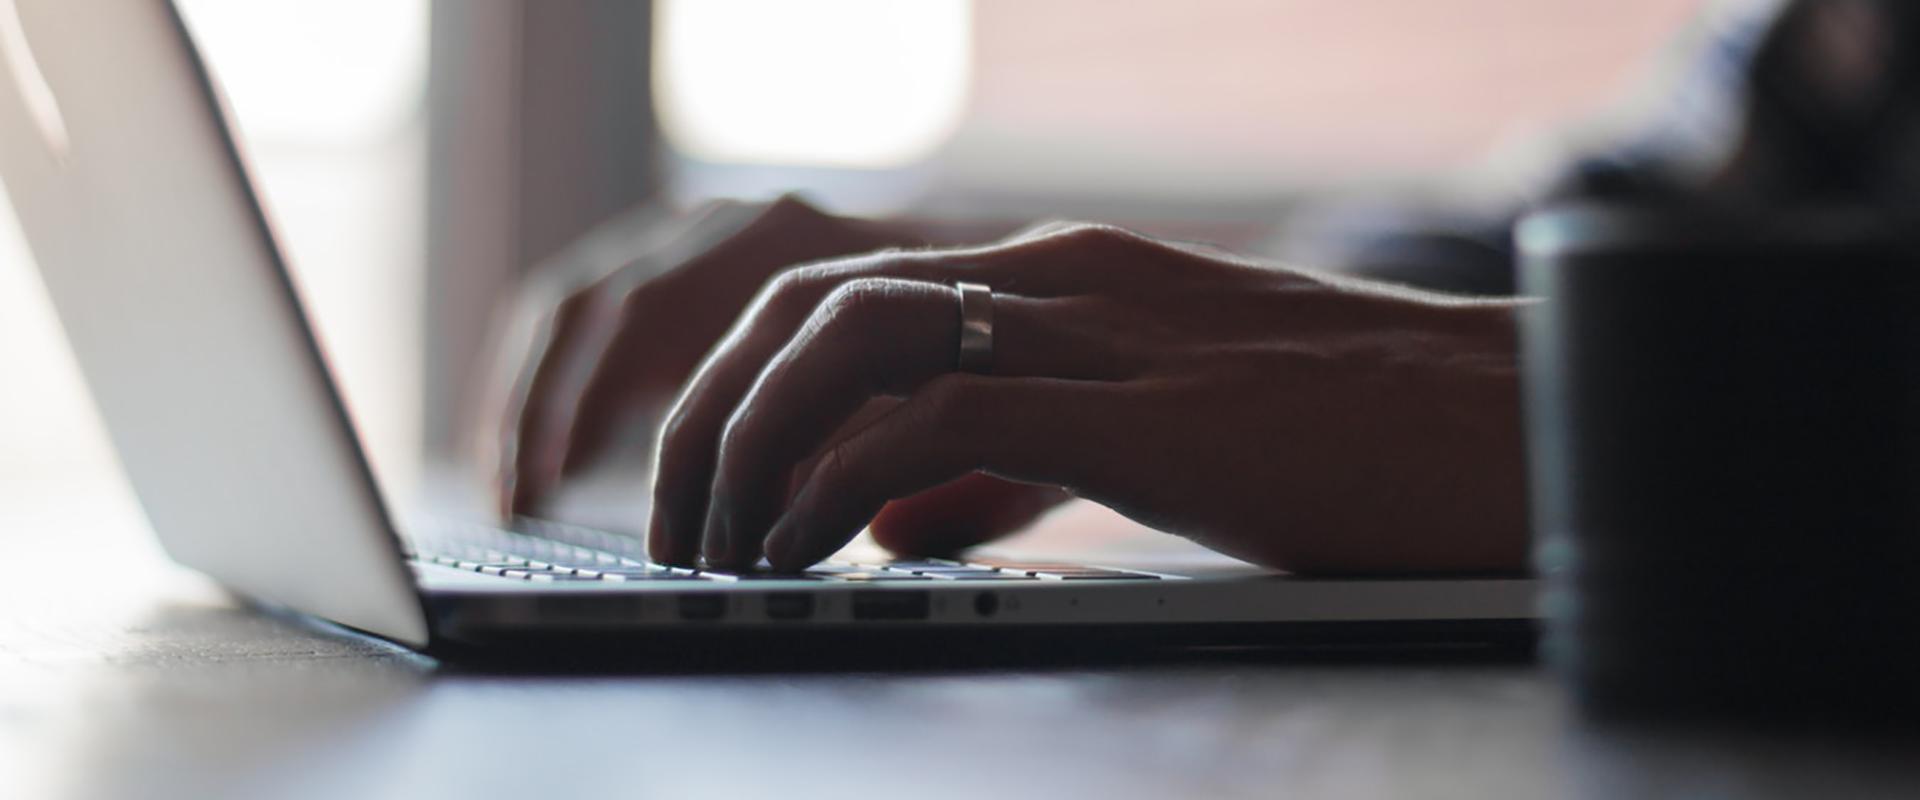 How To Buy Jewellery Online